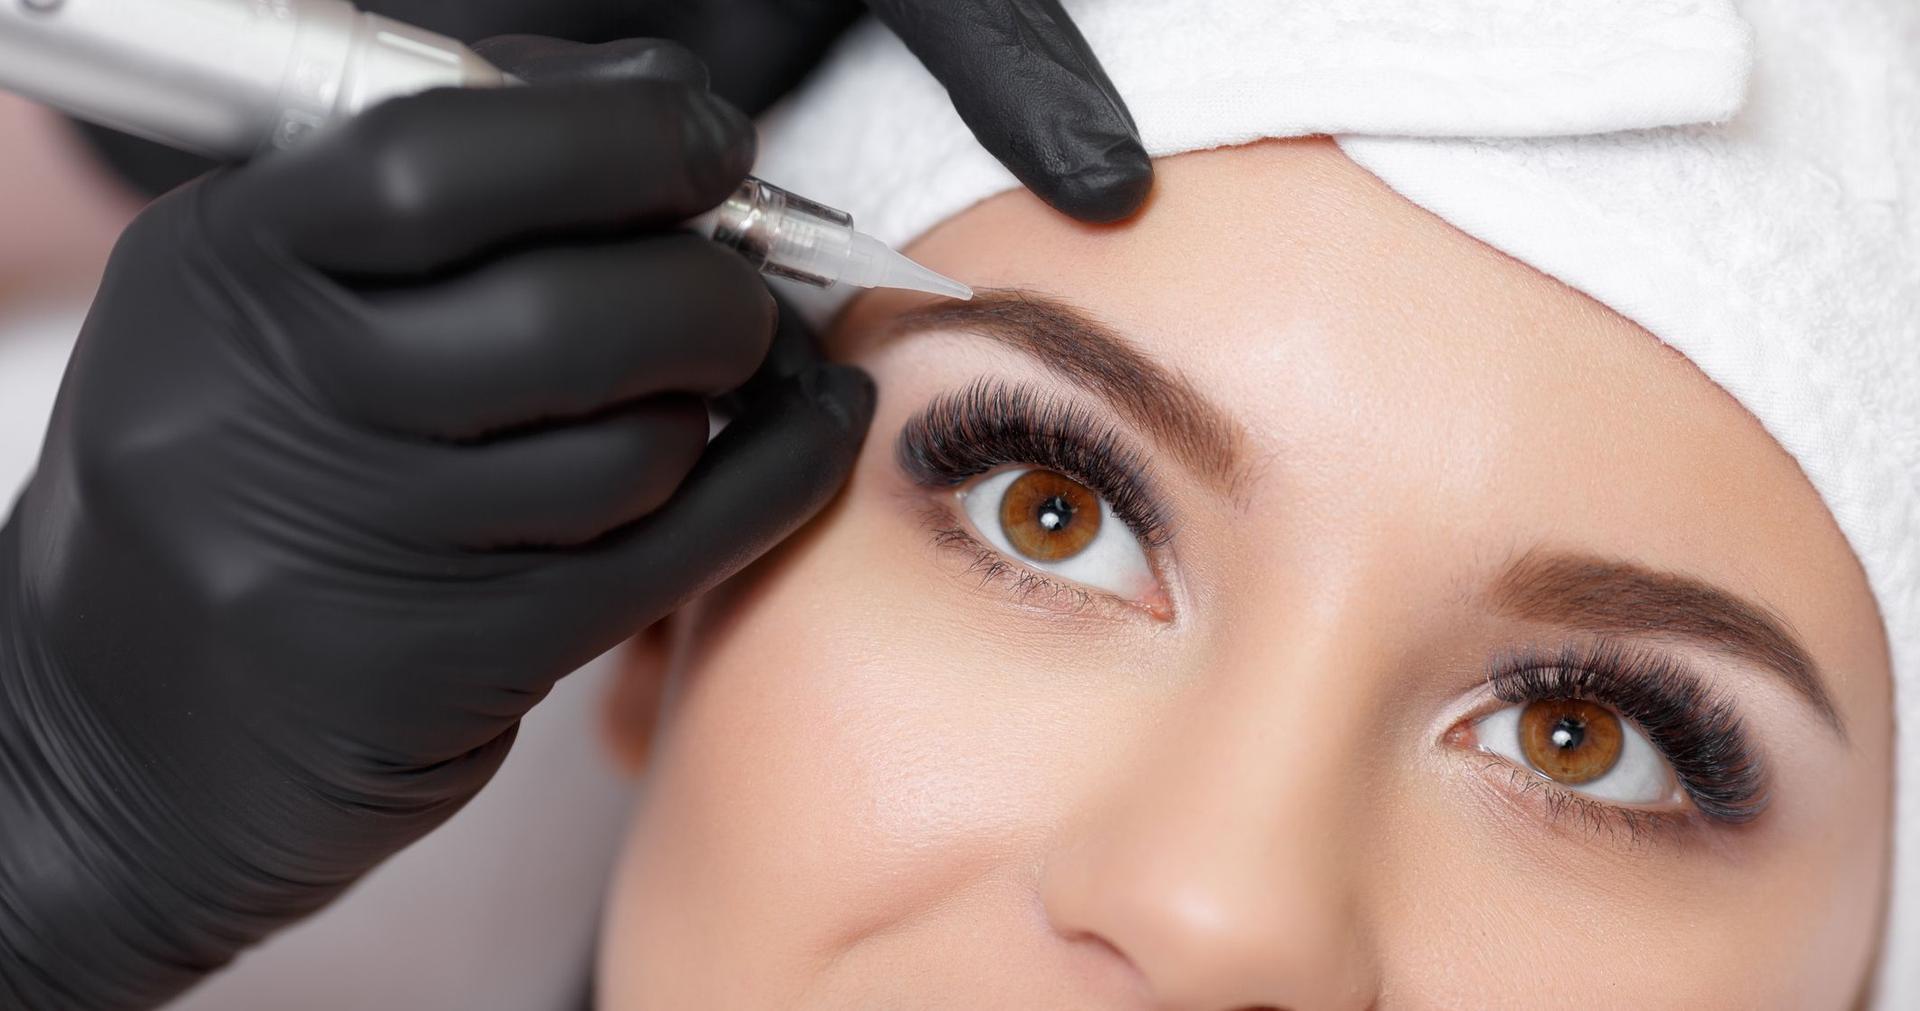 Makijaż Permanentny Brwi Metody Gojenie Cena